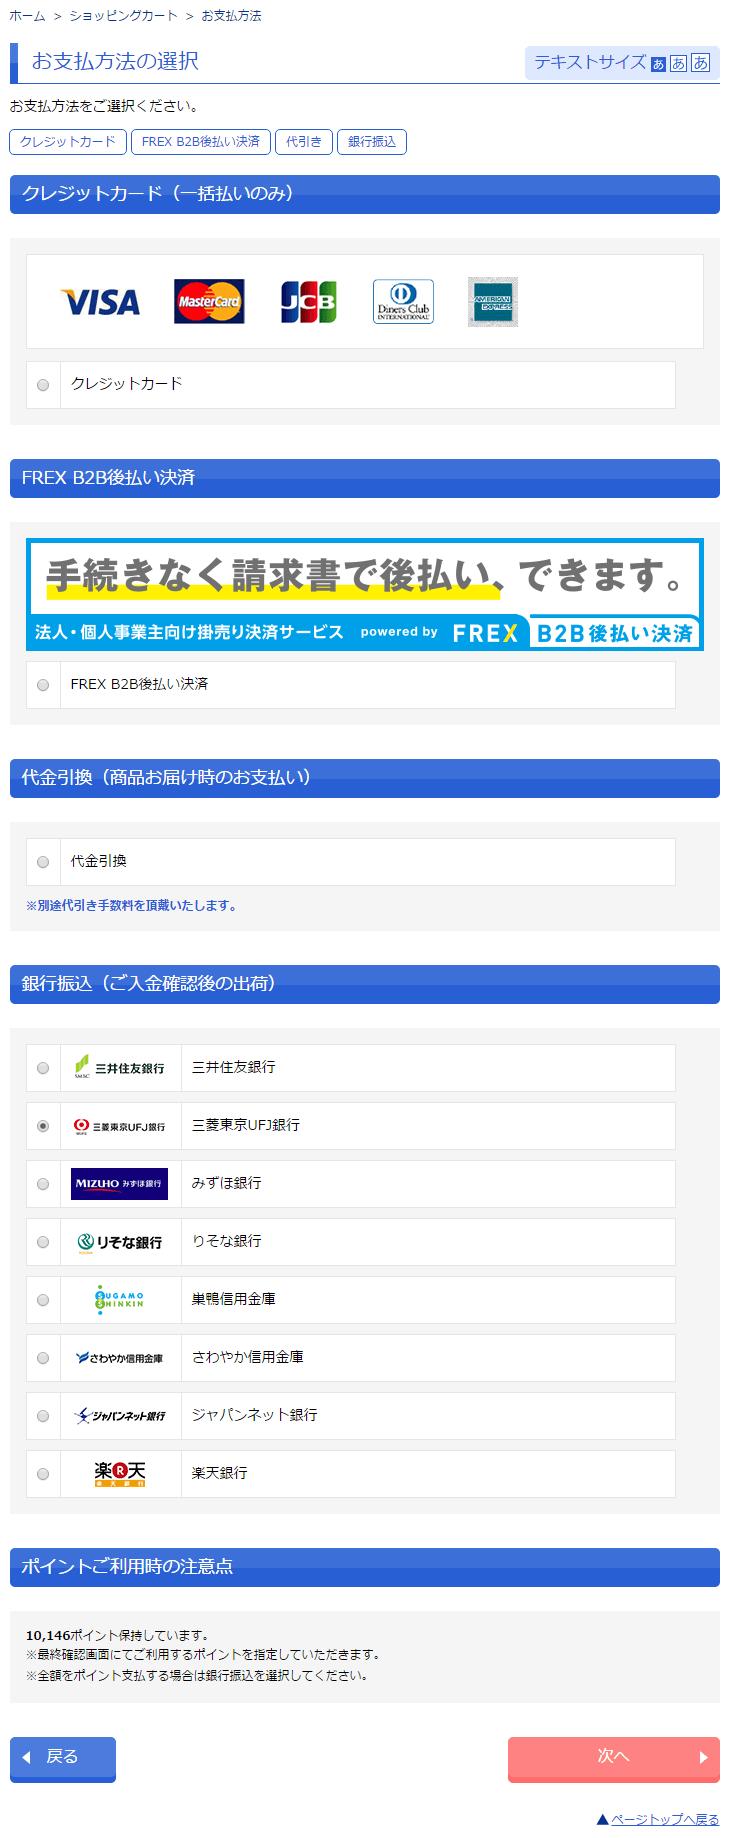 http://www.vanfu.co.jp/guide/images/repeat03.png